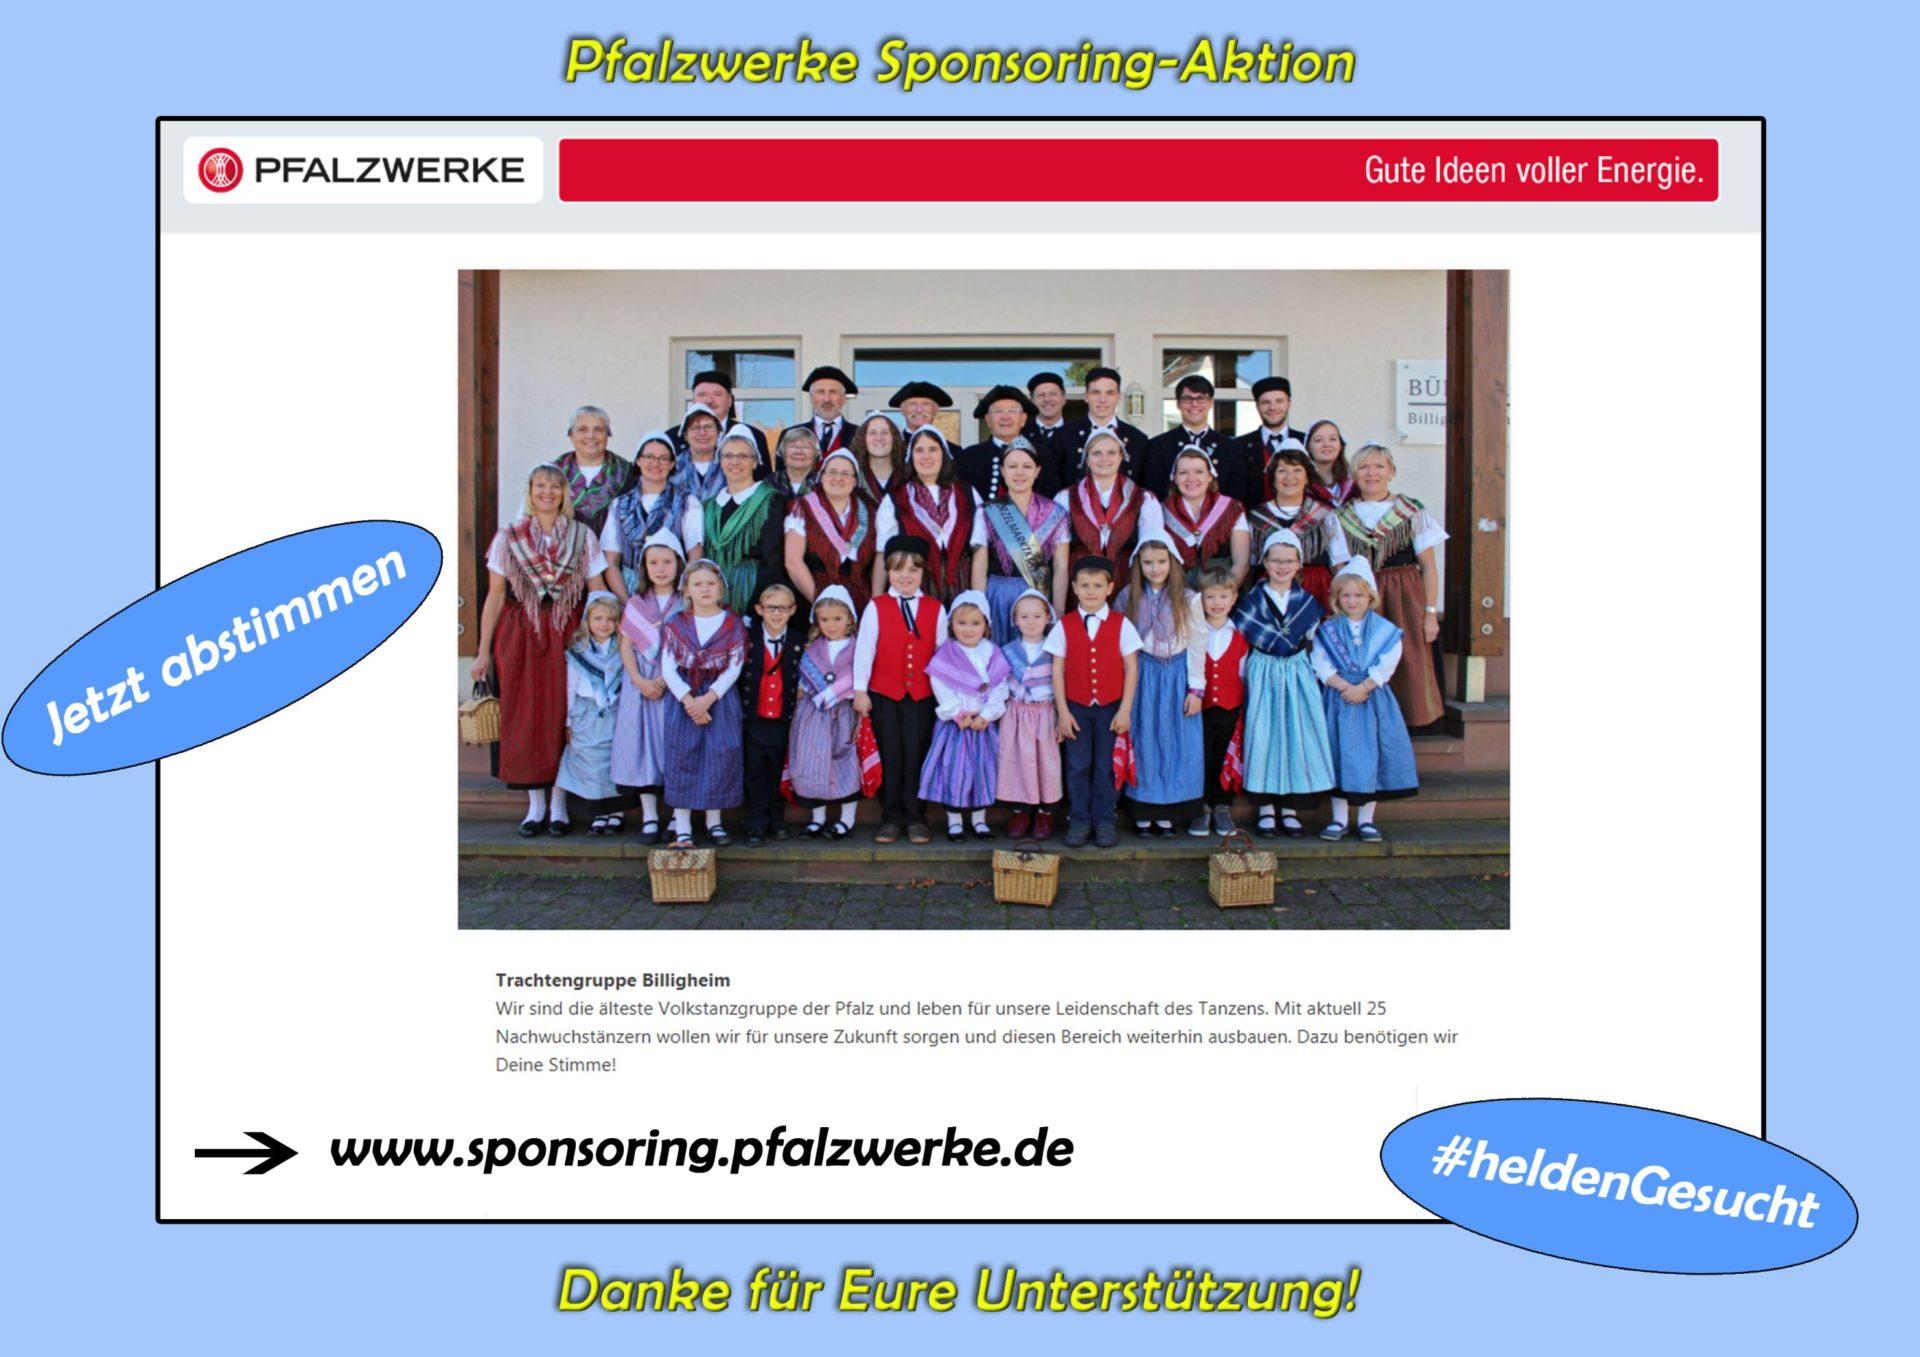 Vereinssponsoring der Pfalzwerke – Jetzt abstimmen